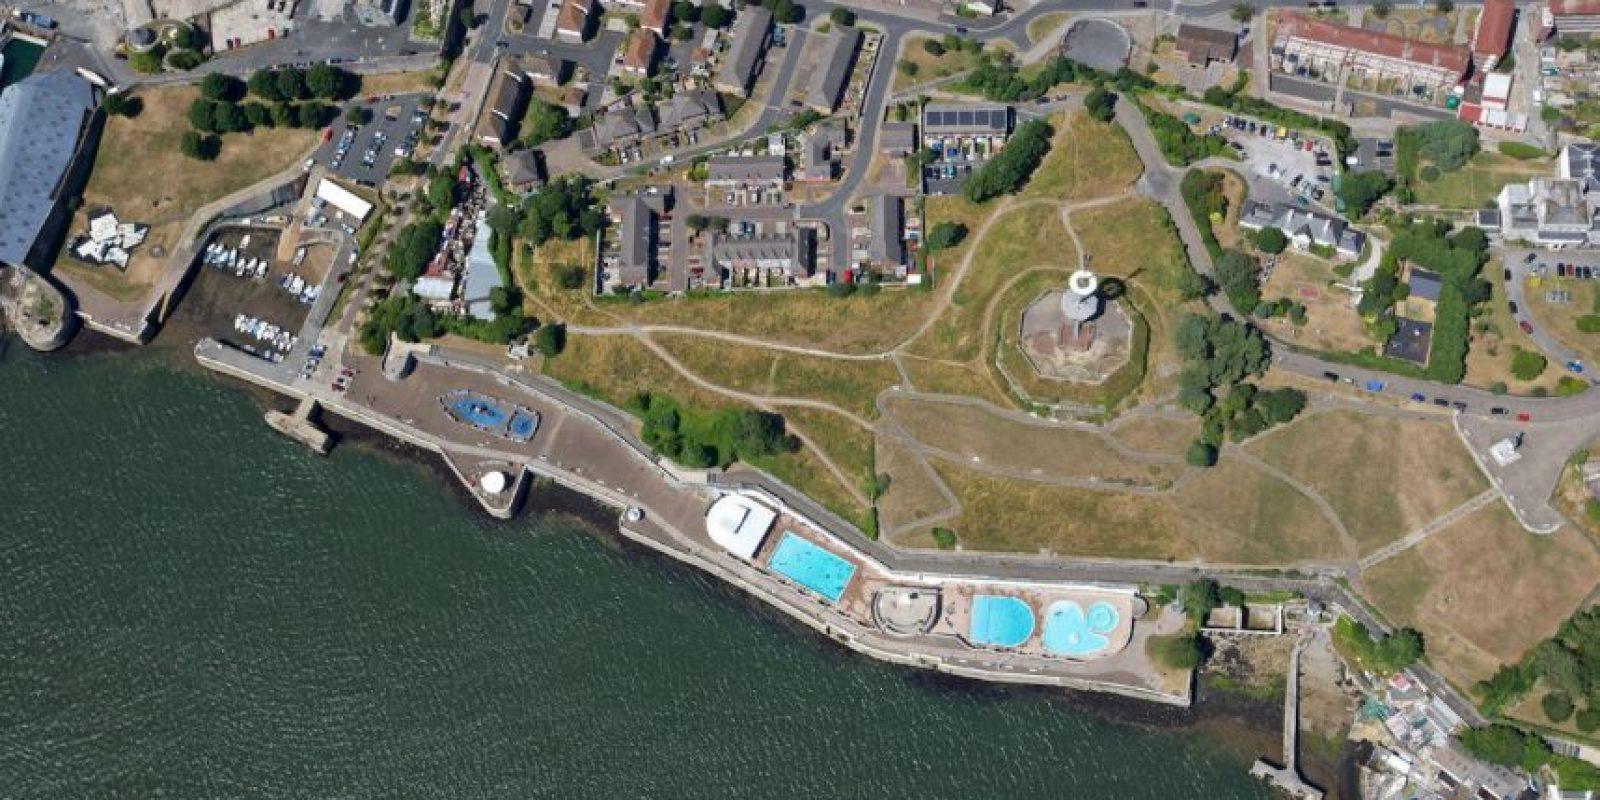 En la base naval Devonport de Plymouth, cuando sus colegas los dejaron encerrados accidentalmente. Foto:Vía facebook.com/Devonport-Plymouth